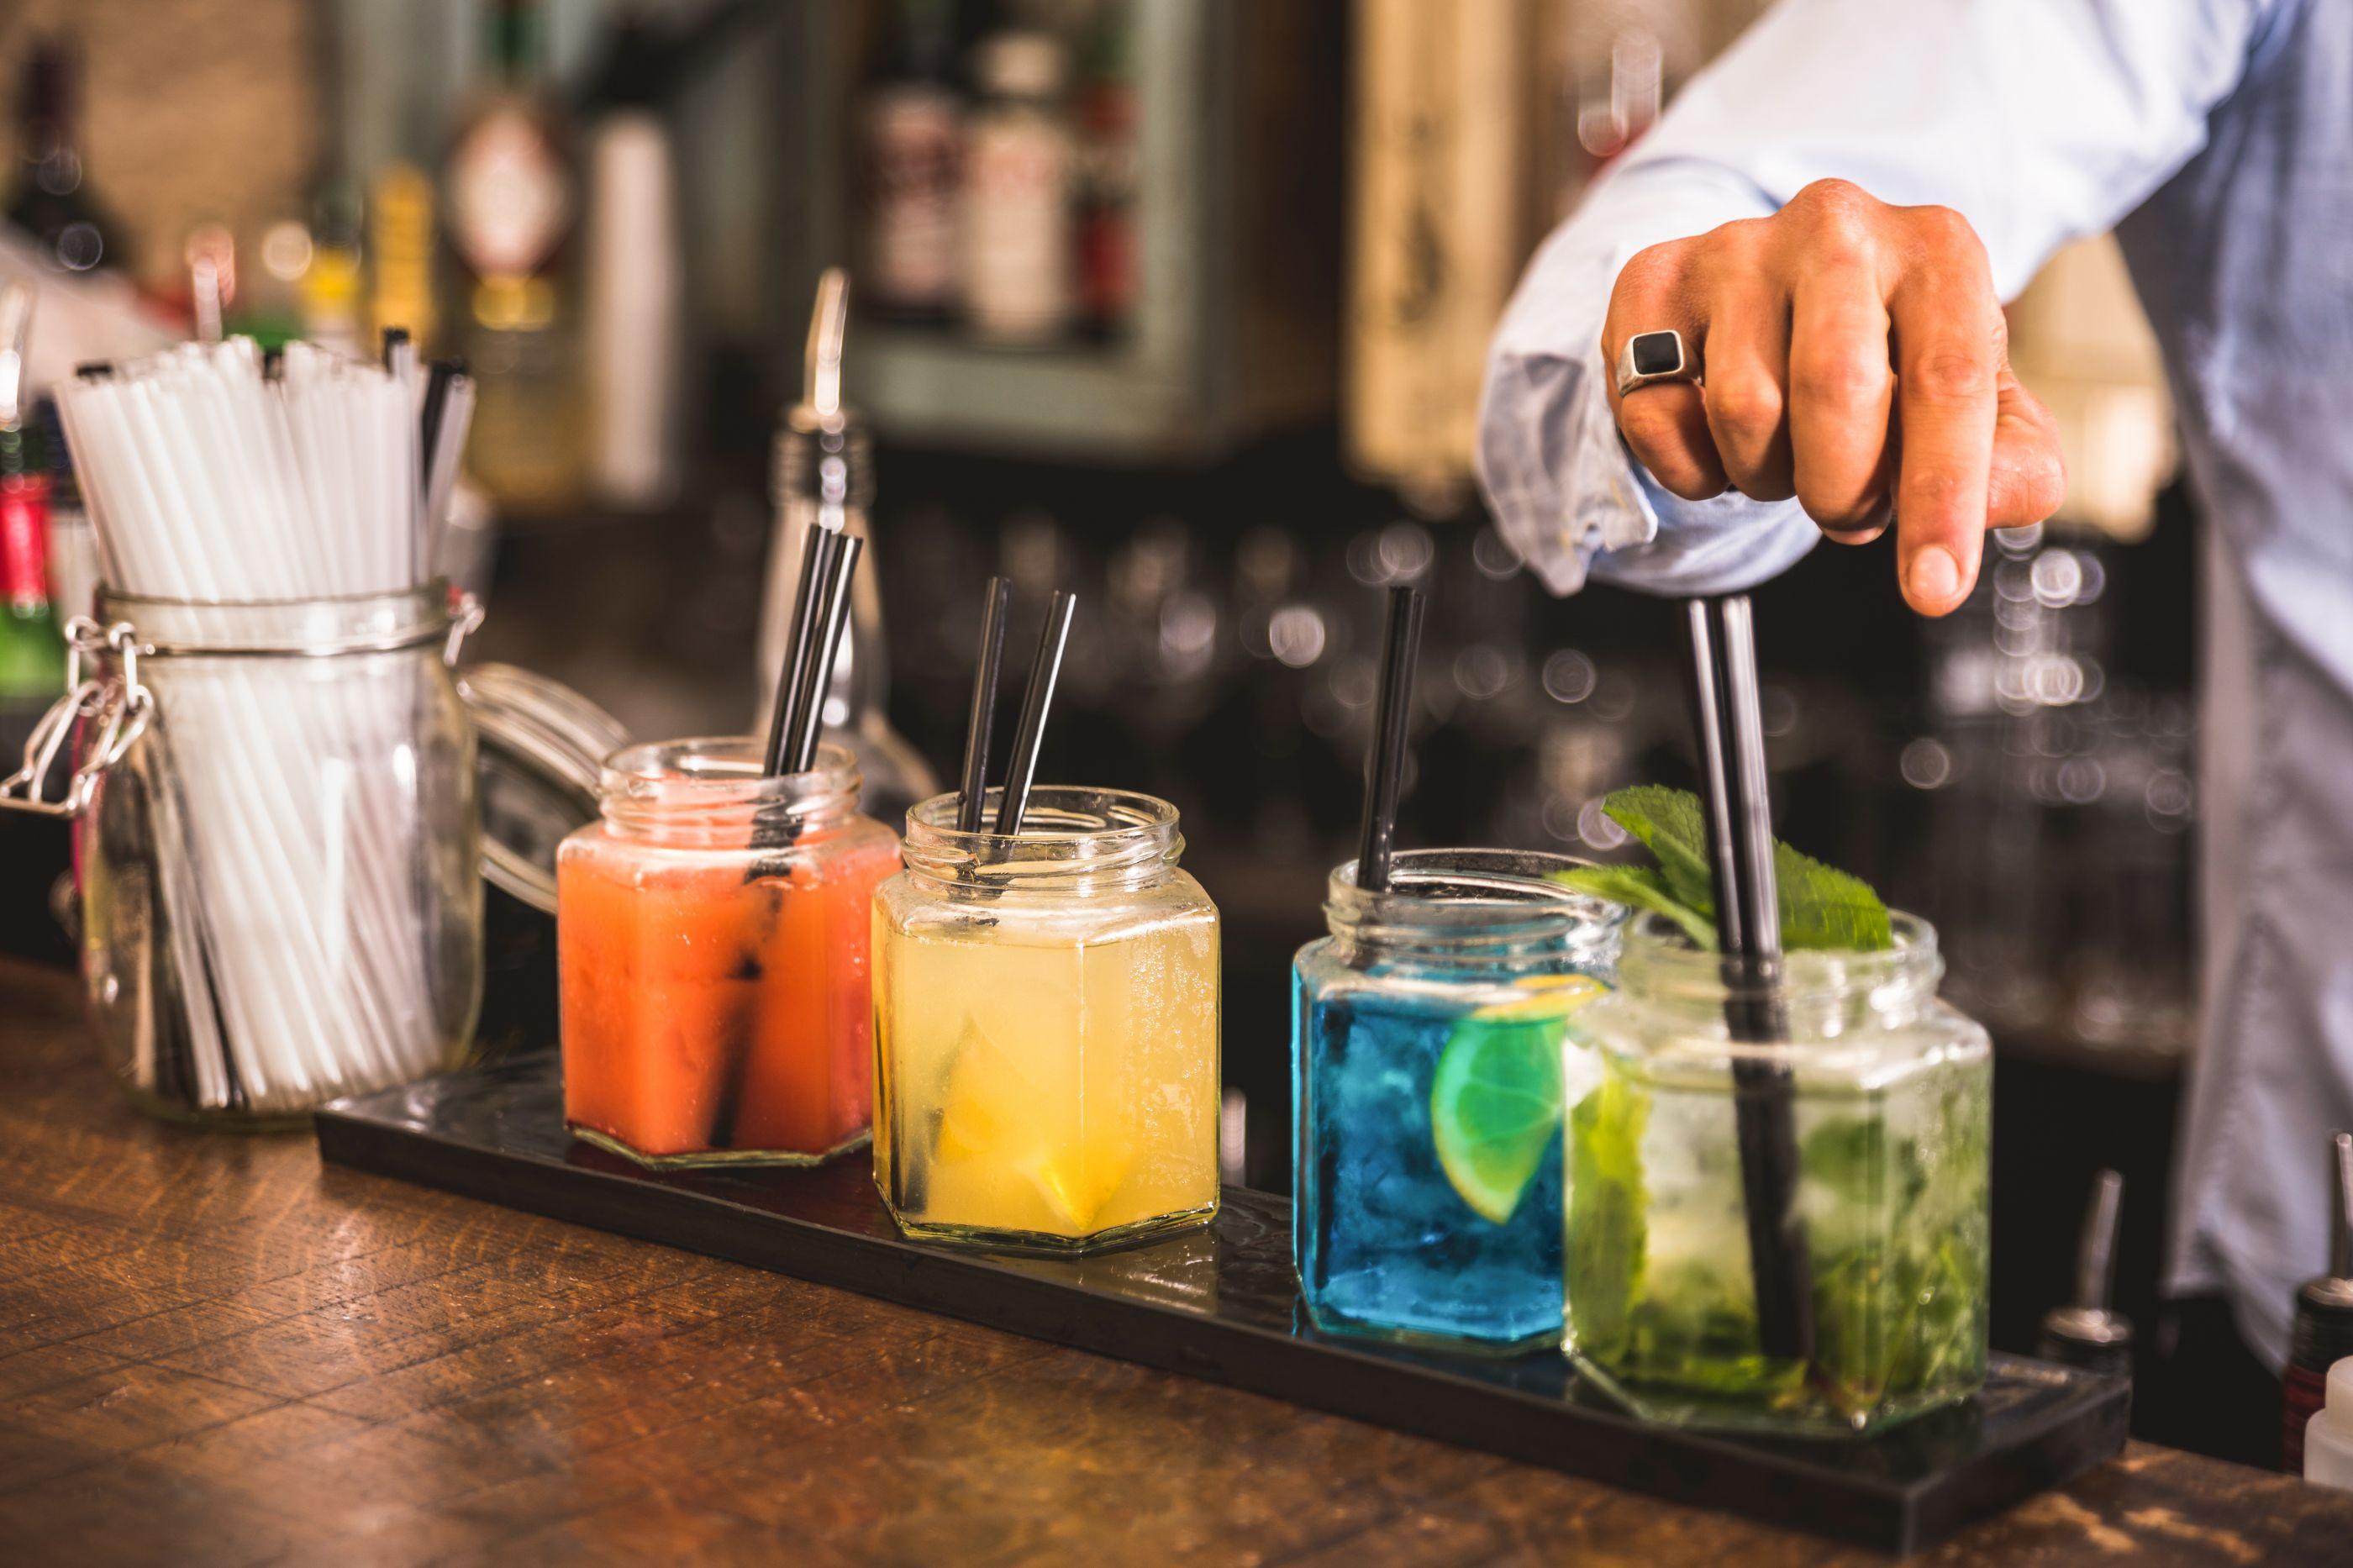 Saiba quando e por que deve optar pelo 'Gin Psicológico' em vez de álcool